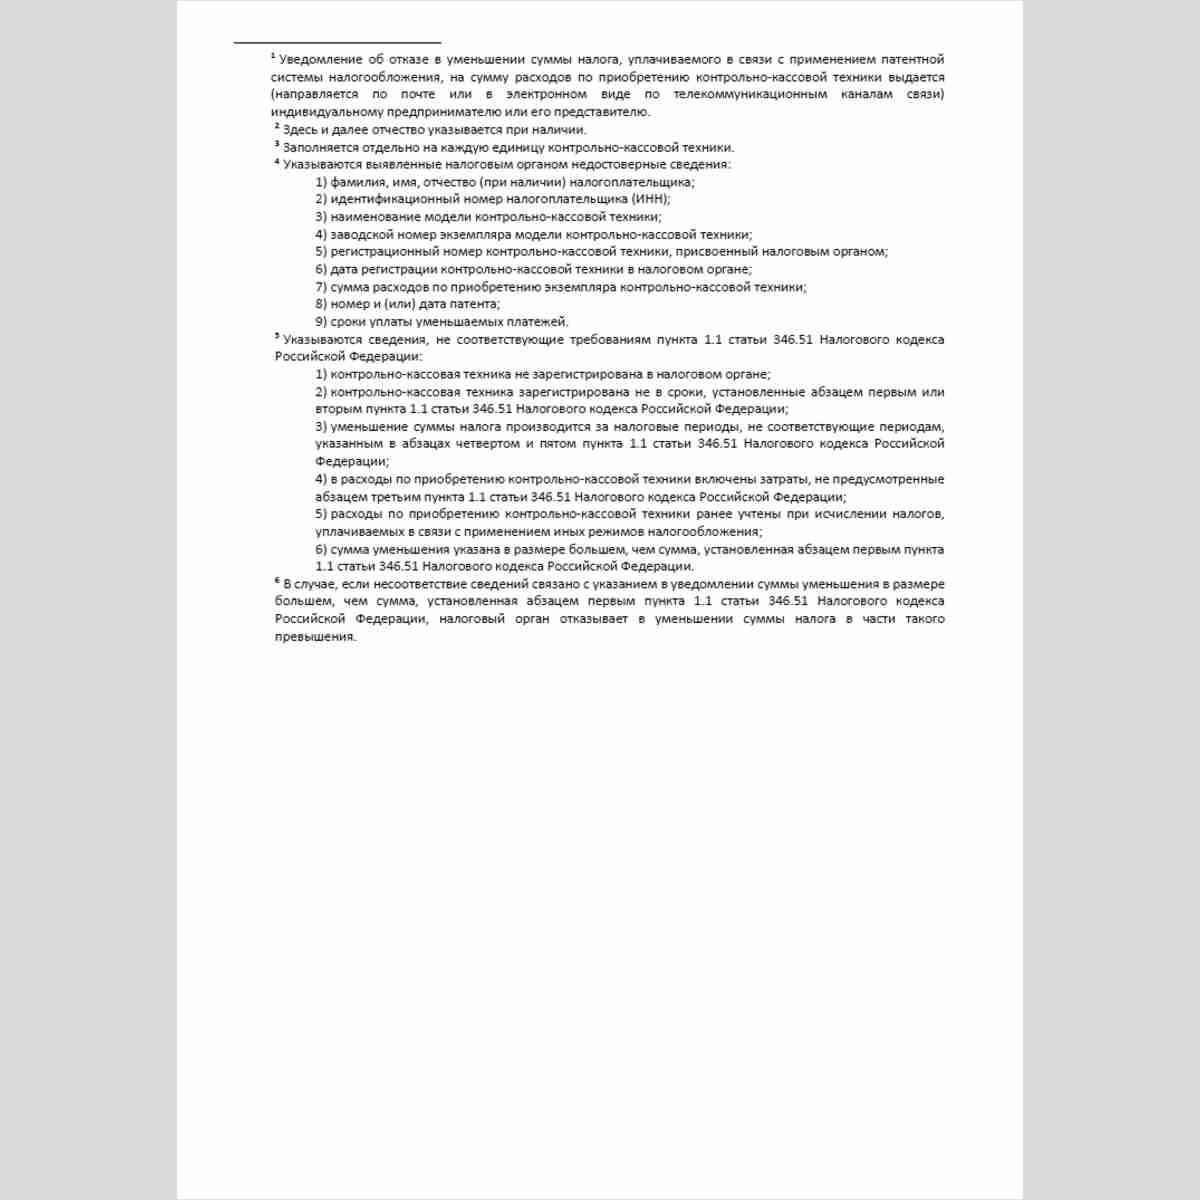 """Форма КНД 1122028 """"Уведомление об отказе в уменьшении суммы налога, уплачиваемого в связи с применением патентной системы налогообложения, на сумму расходов по приобретению контрольно-кассовой техники"""". Стр. 2"""